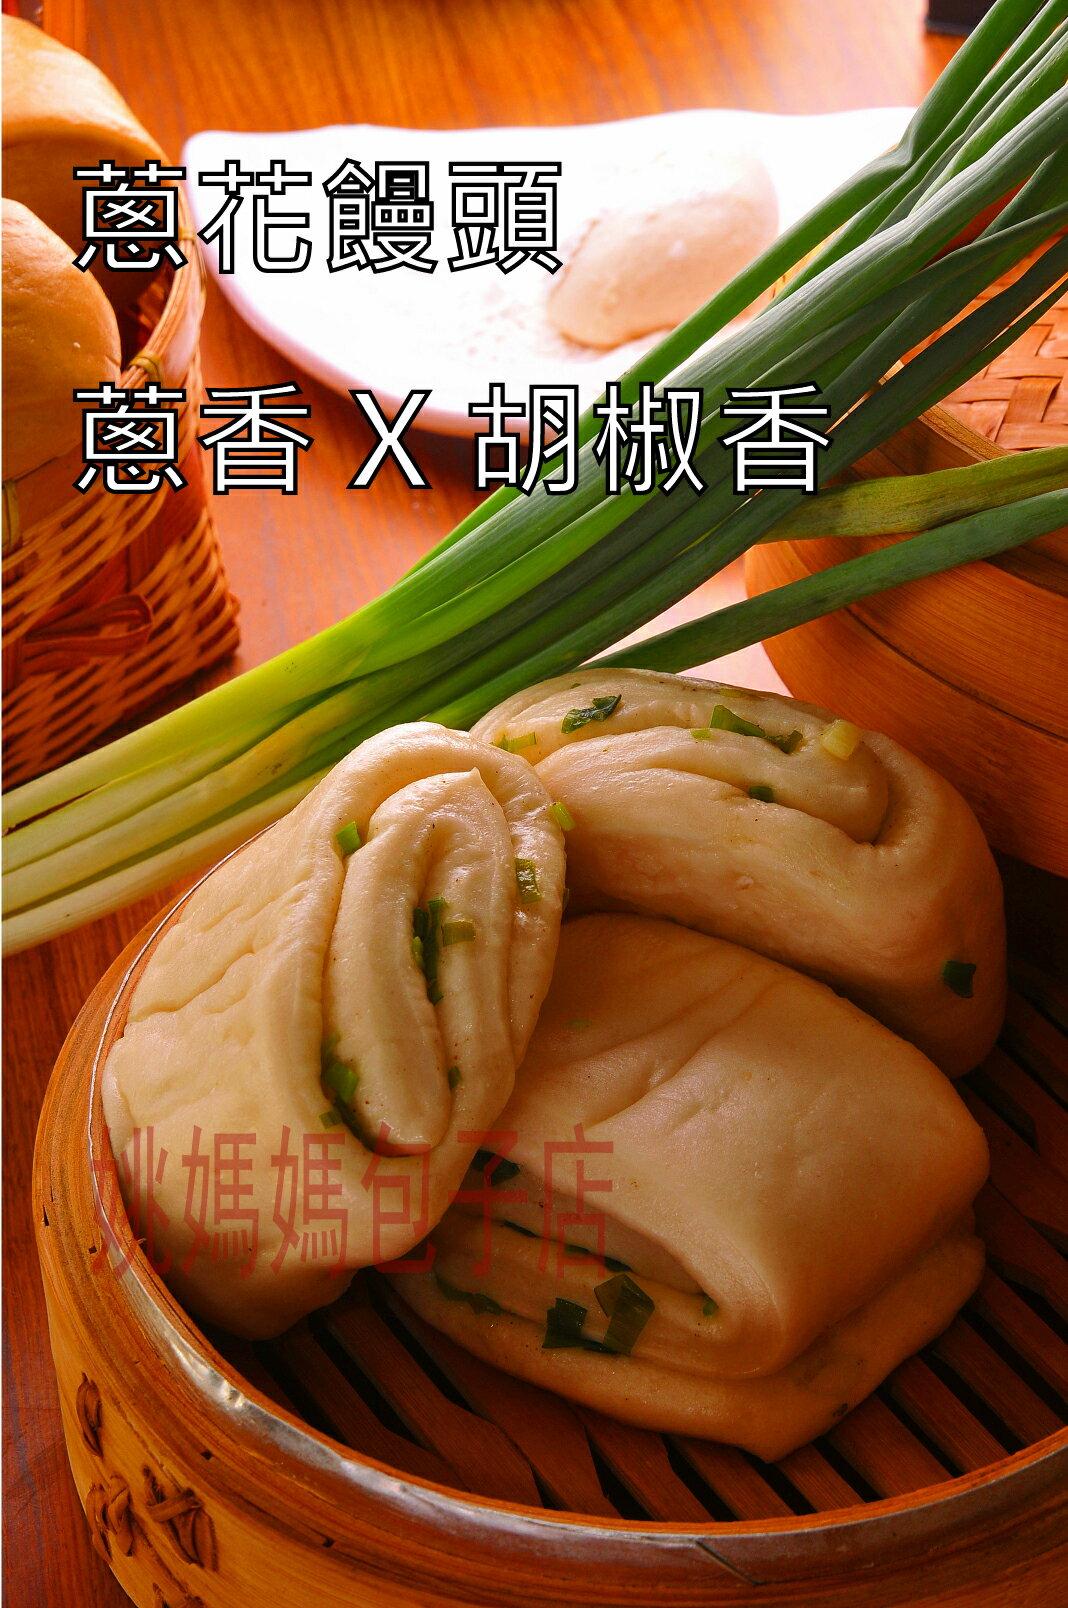 【姚媽媽工作坊】蔥花饅頭5入●手工製作●無任何化學添加●包子●饅頭